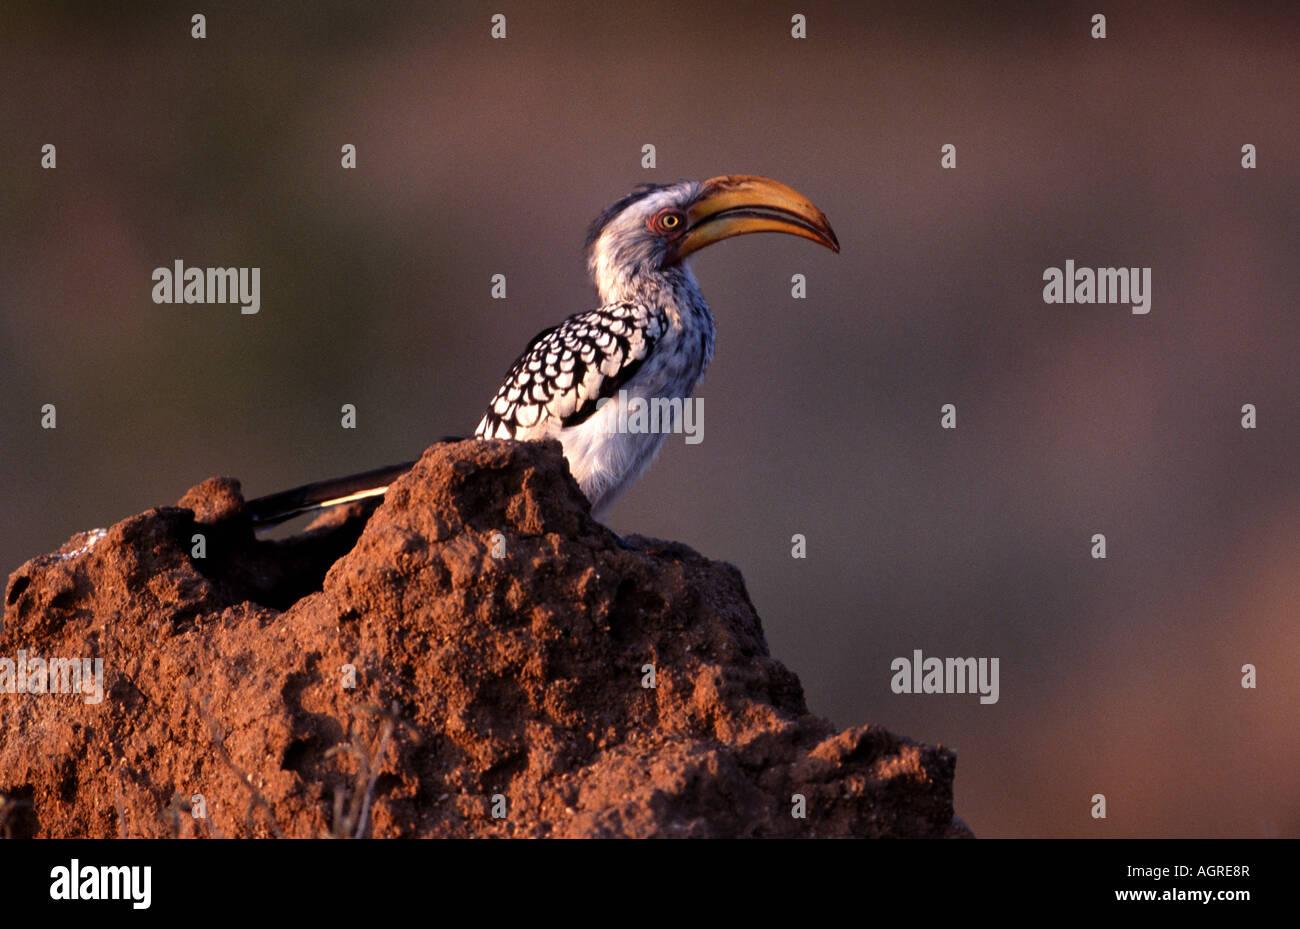 Calao à bec jaune du Sud, nom scientifique; Tockus flavirostris, dans la réserve naturelle de Timbavati, Photo Stock